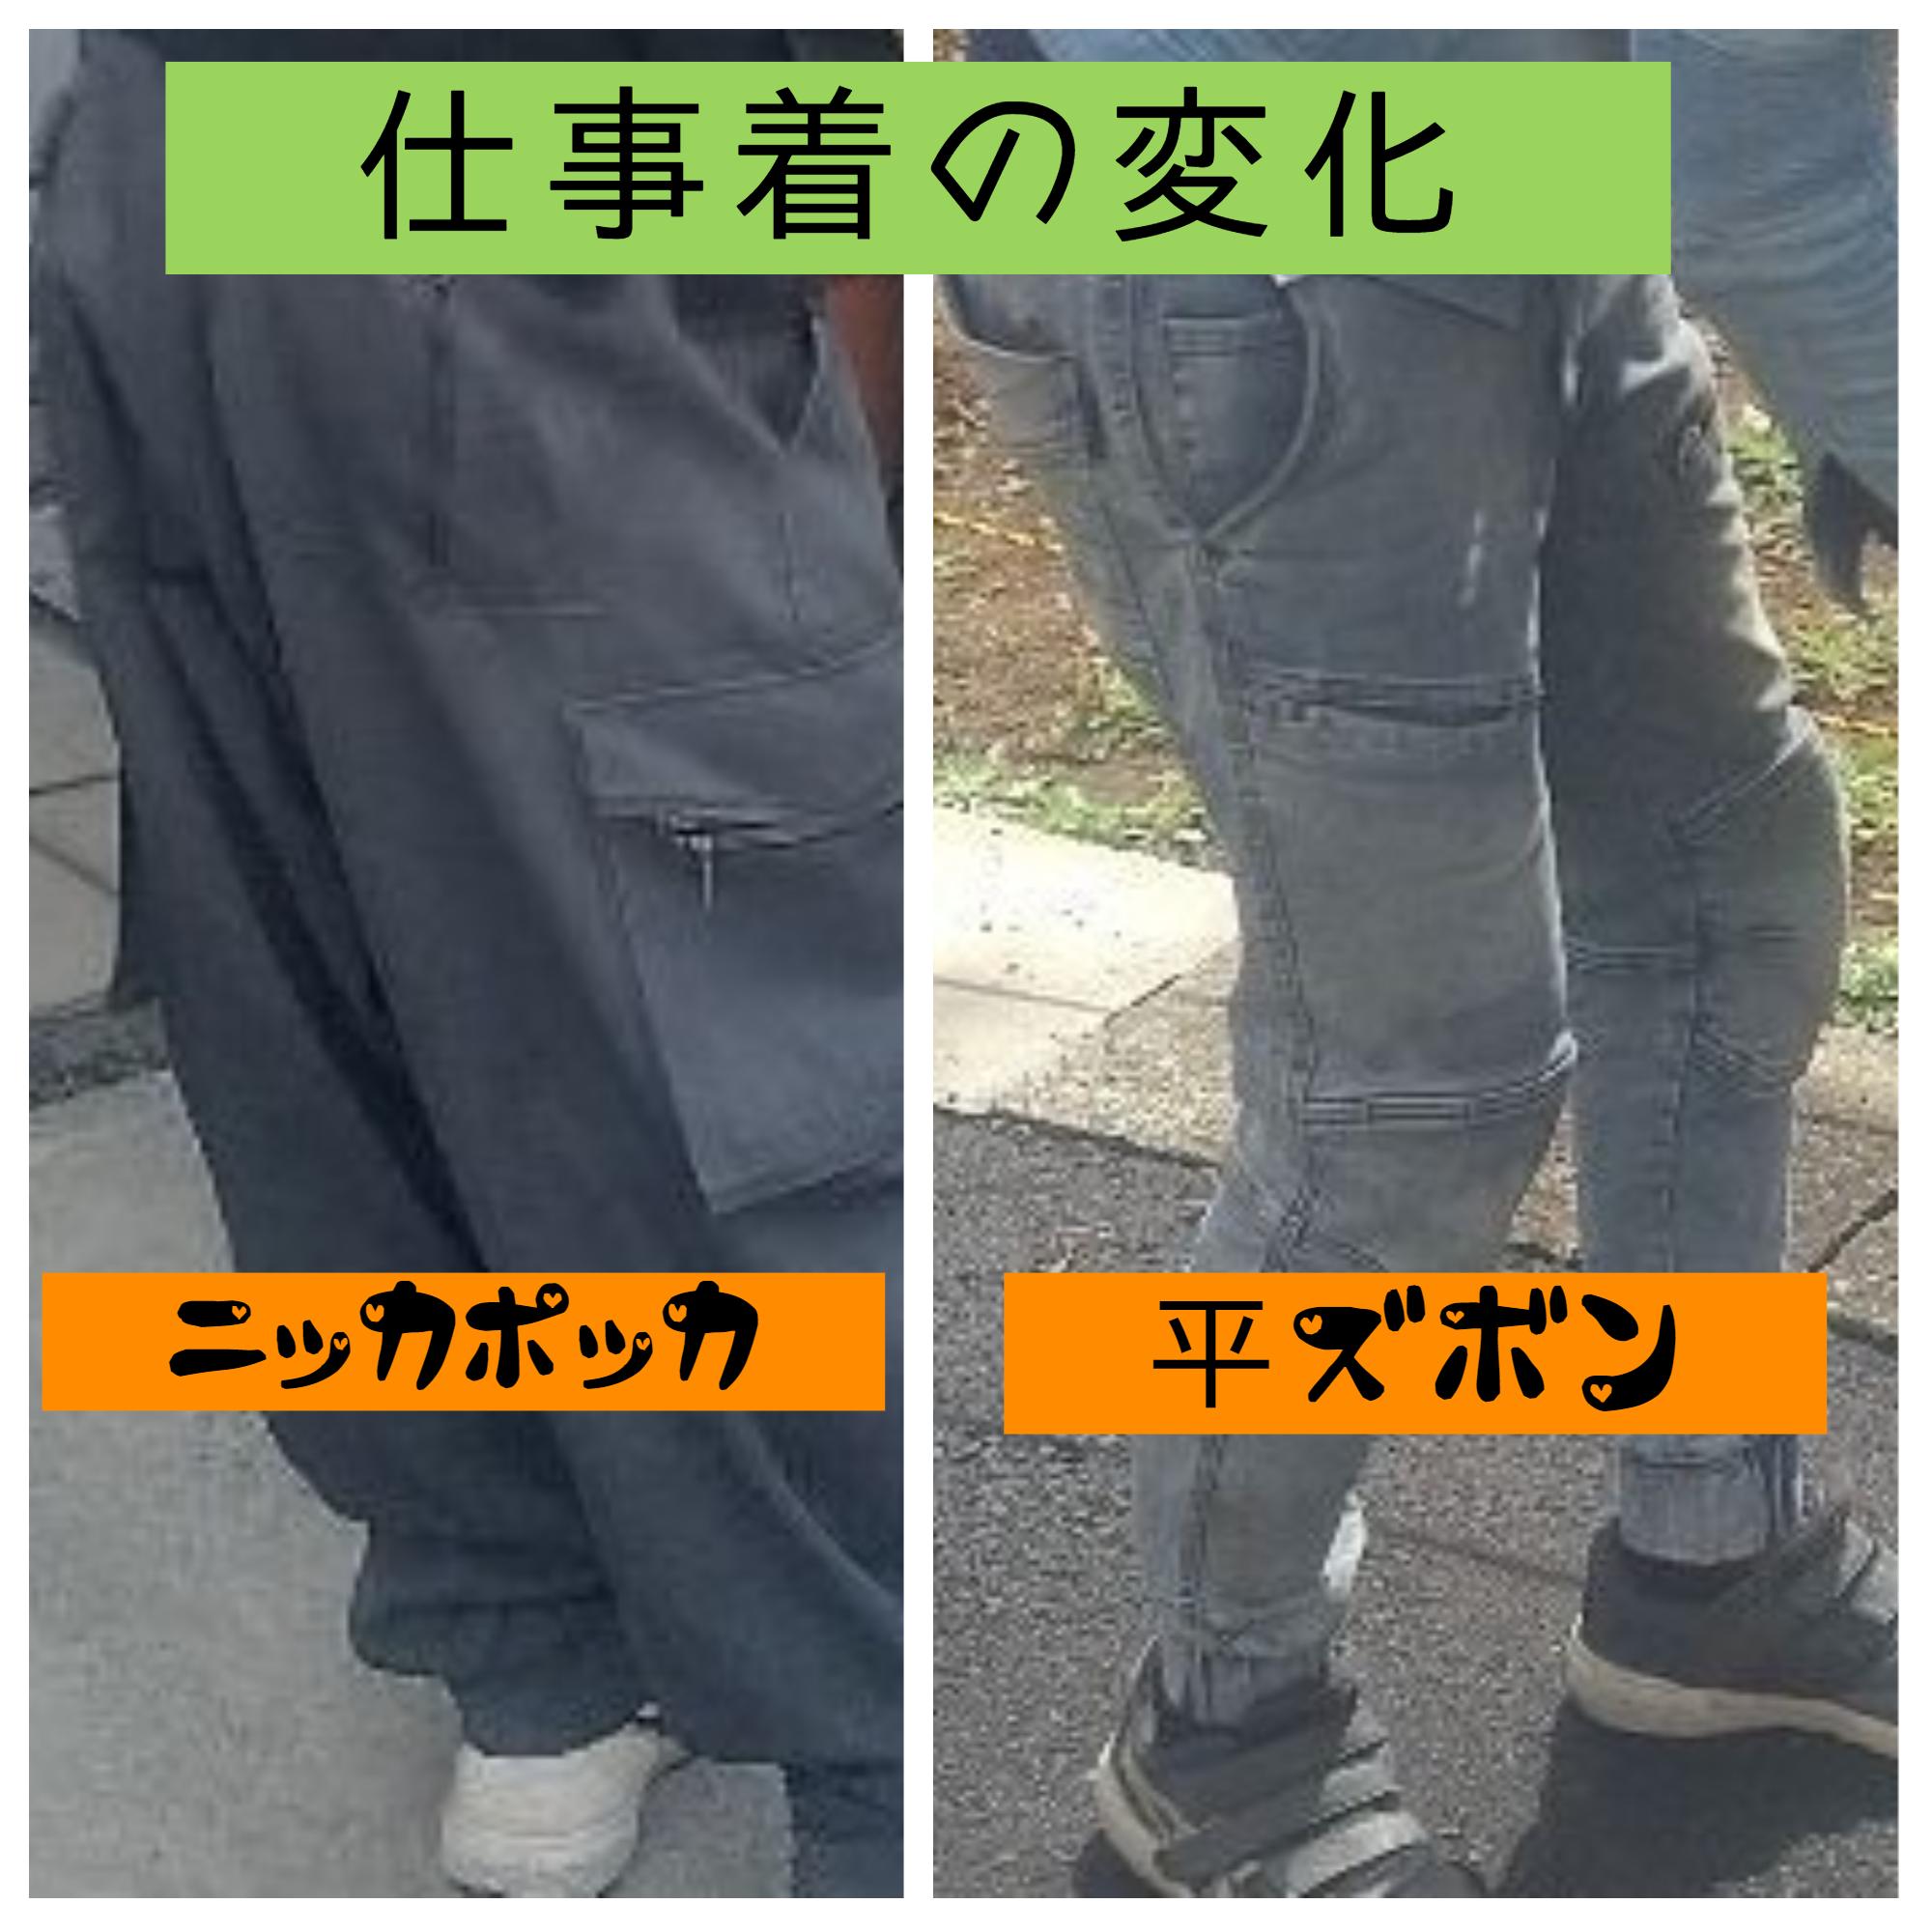 屋根リフォーム:ニッカポッカ ダメなの?!∑(ʘдʘ)!!